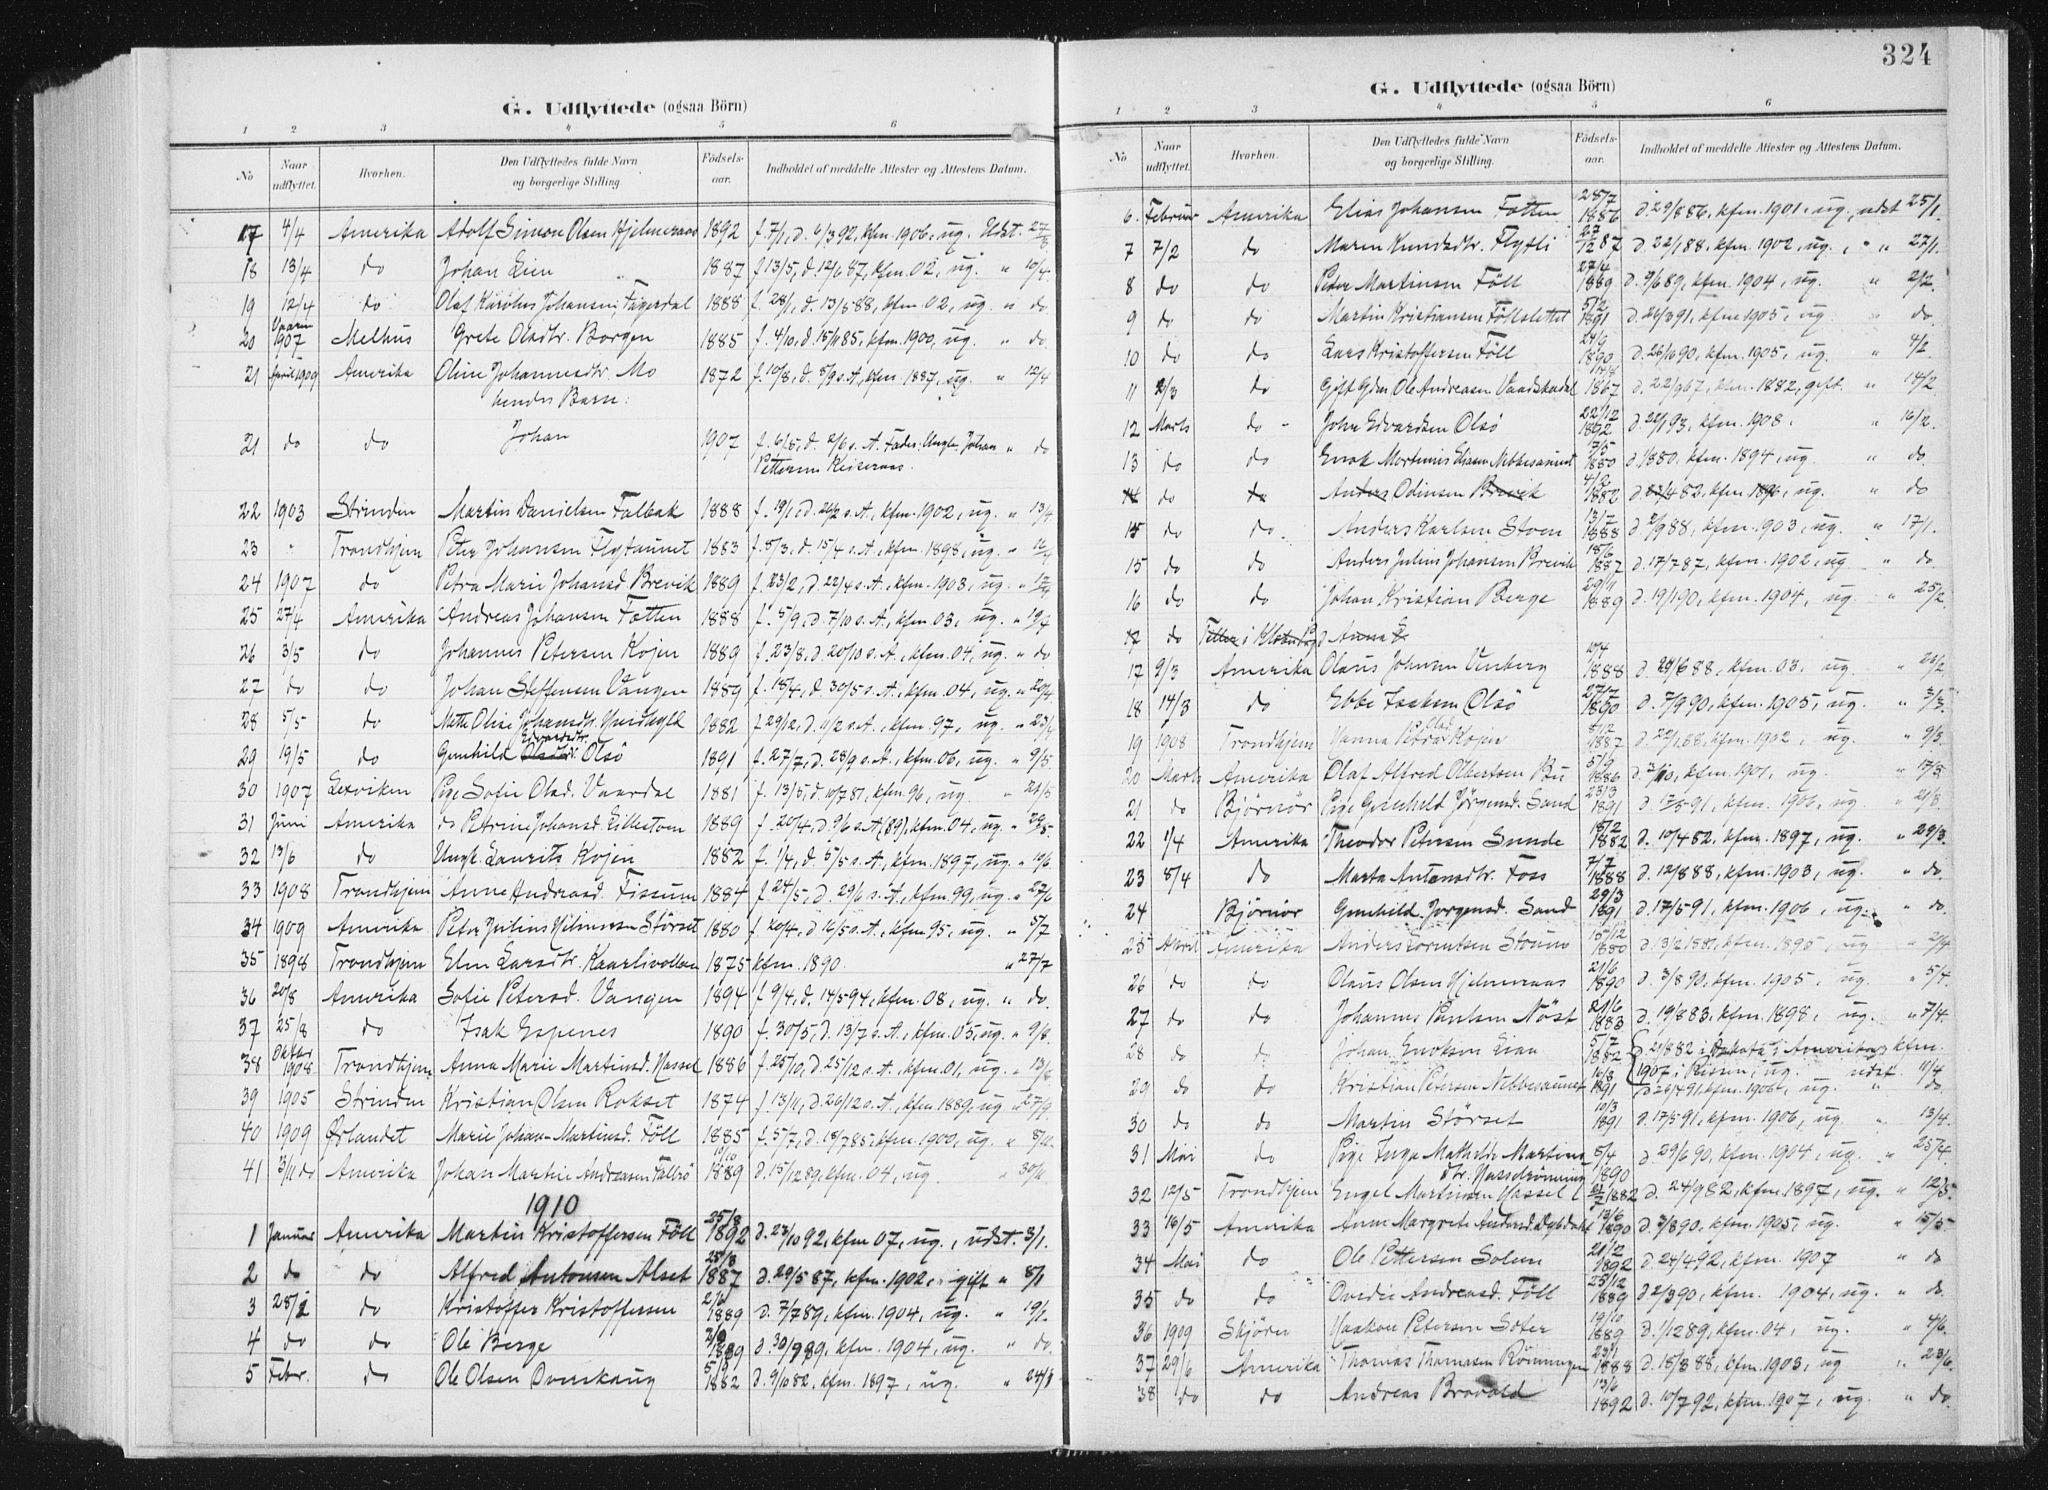 SAT, Ministerialprotokoller, klokkerbøker og fødselsregistre - Sør-Trøndelag, 647/L0635: Ministerialbok nr. 647A02, 1896-1911, s. 324